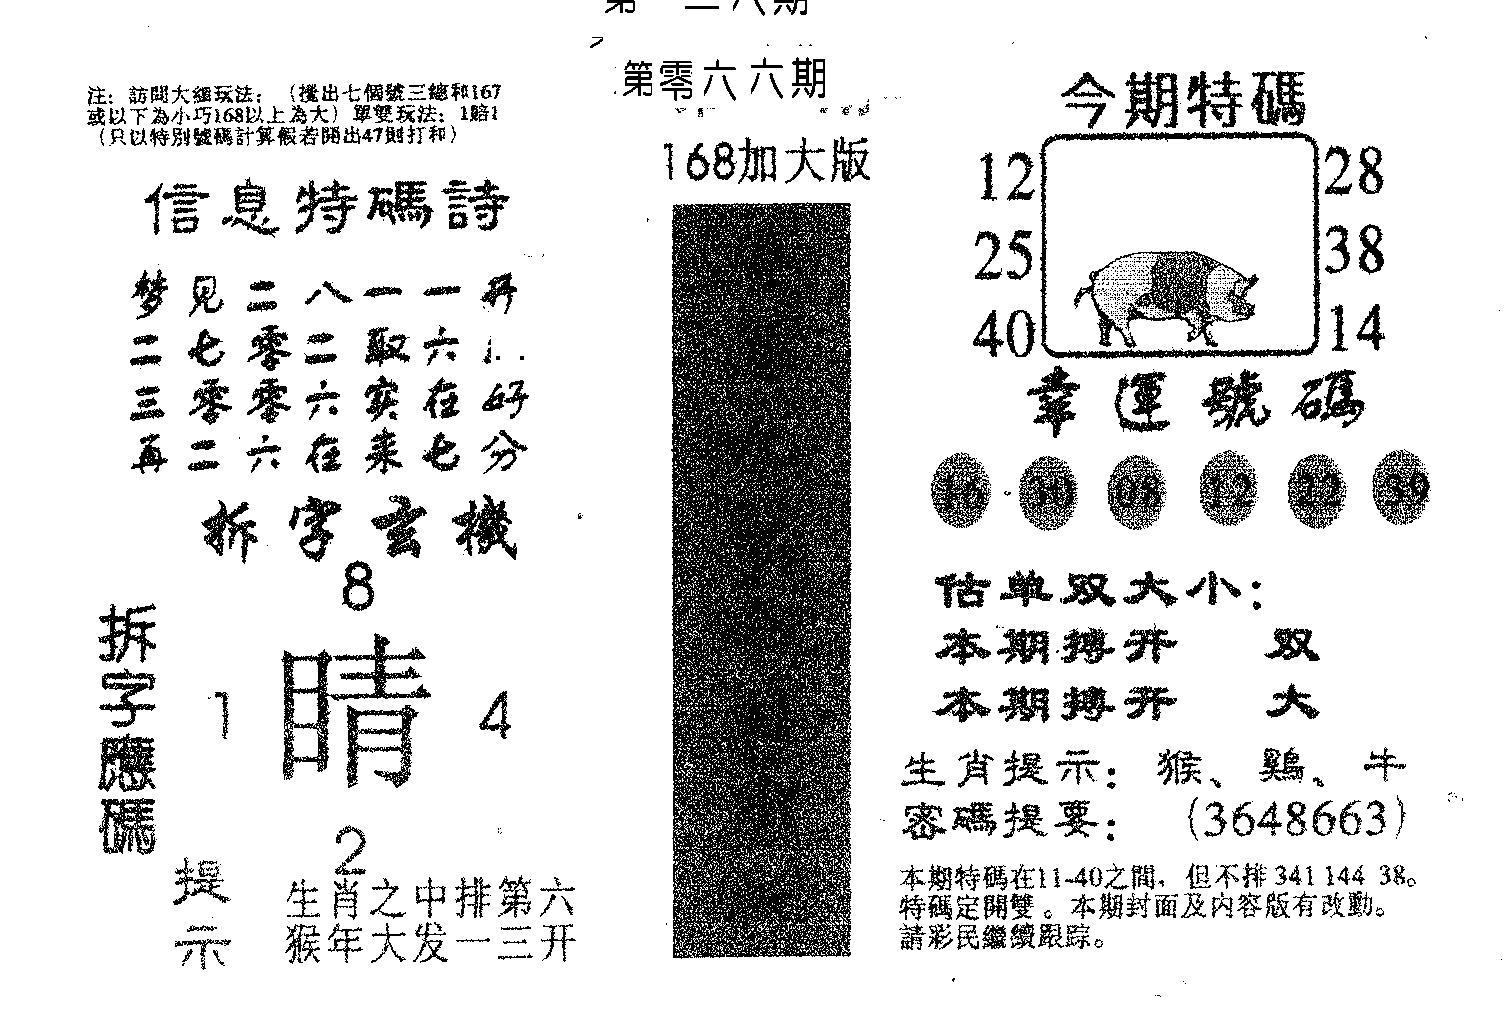 066期168加大版(黑白)